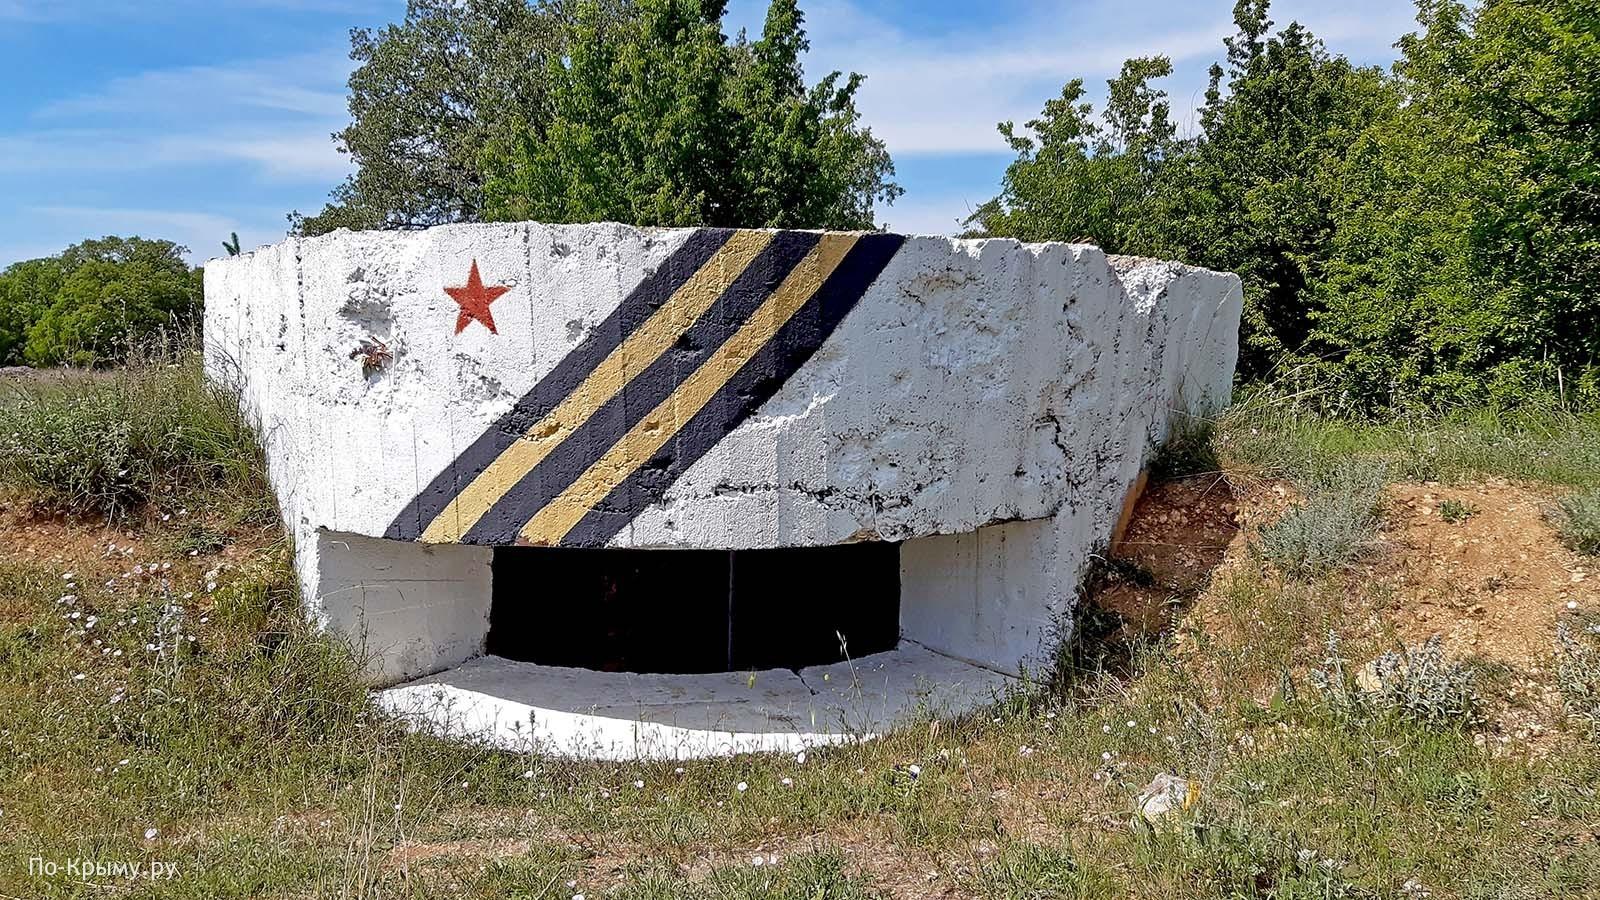 Артиллерийский ДОТ береговой обороны №16, Суздальские высоты